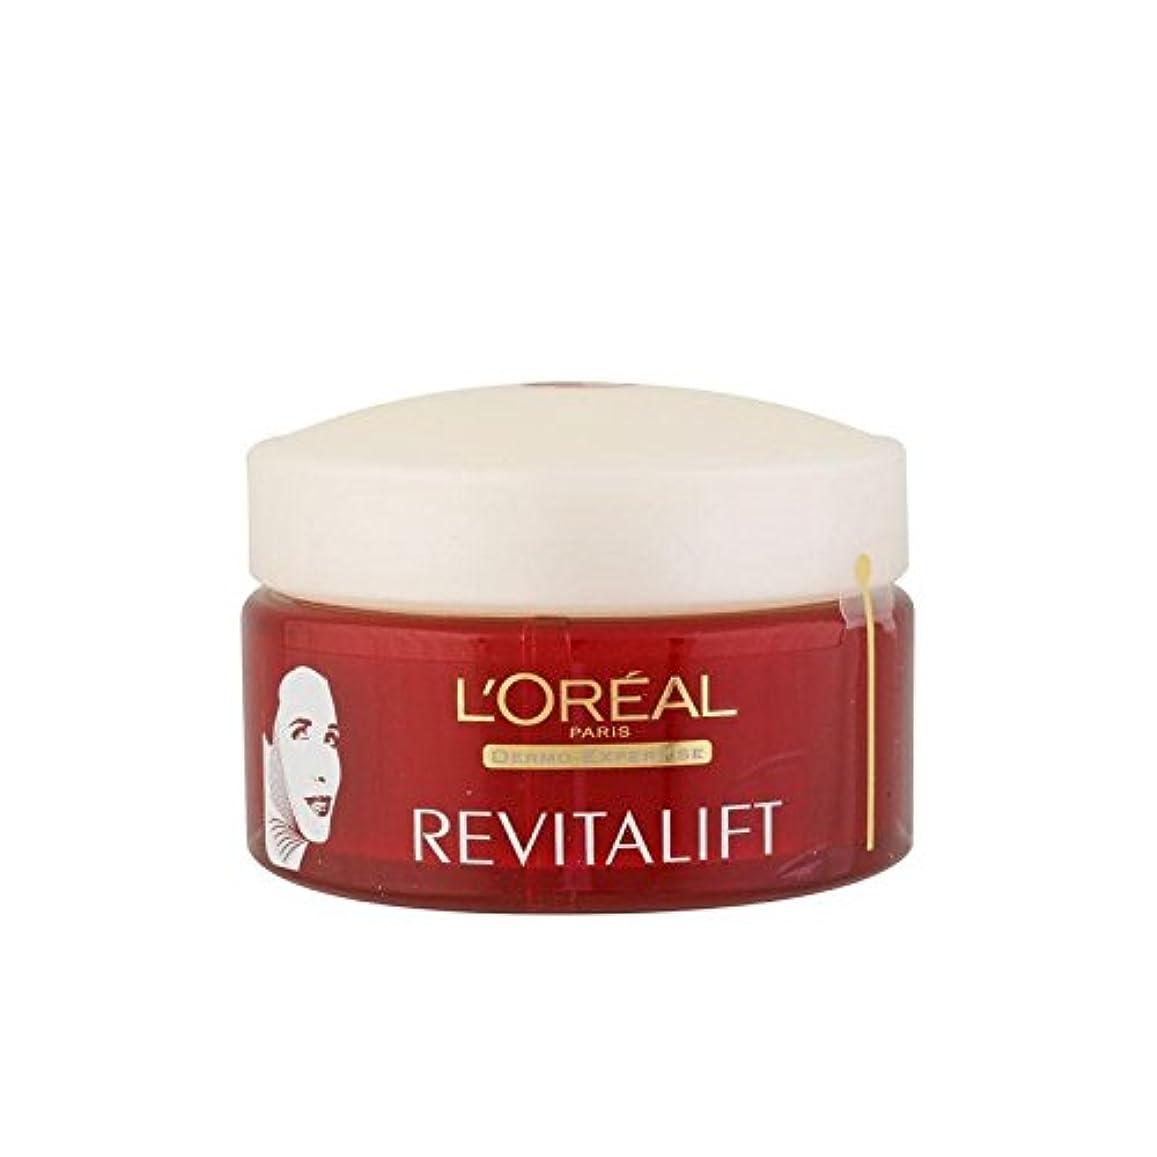 病な下に物語ロレアルパリ?ダーモ専門知識顔の輪郭や首の再サポートクリーム(50ミリリットル) x4 - L'Oreal Paris Dermo Expertise Revitalift Face Contours And Neck...